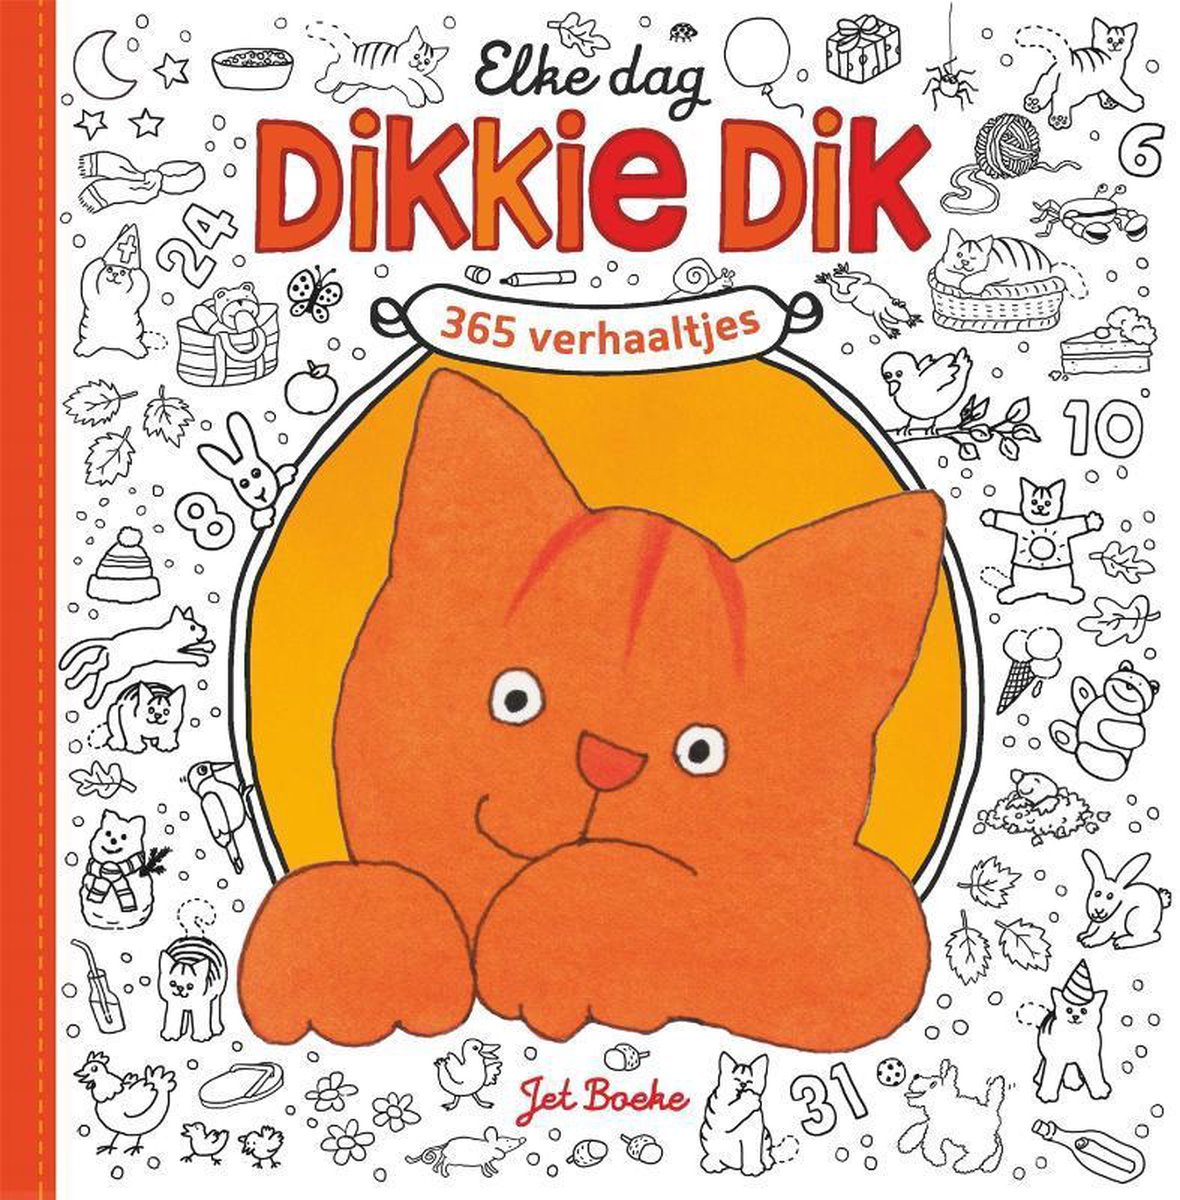 Dikkie Dik - Elke dag Dikkie Dik